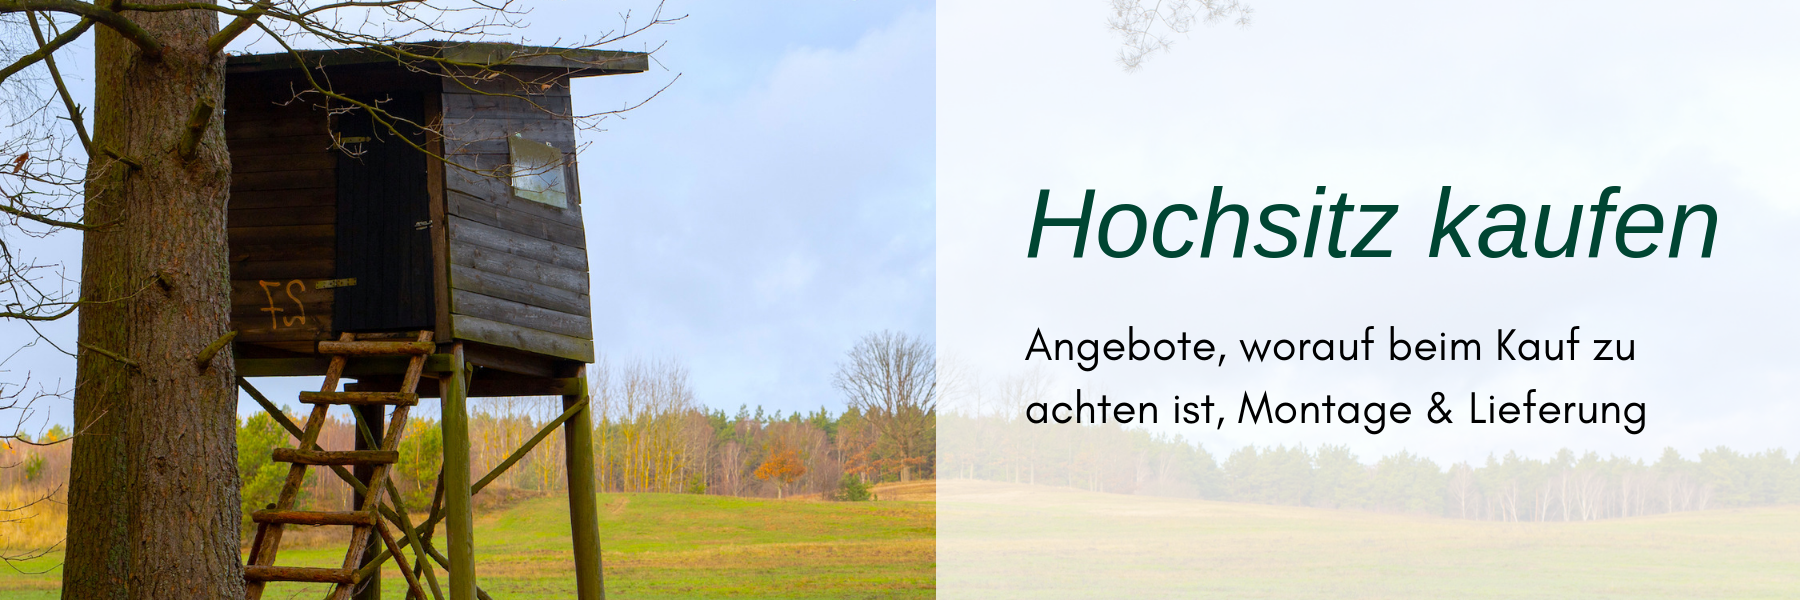 Hochsitz kaufen - Alle Informationen und Tipps